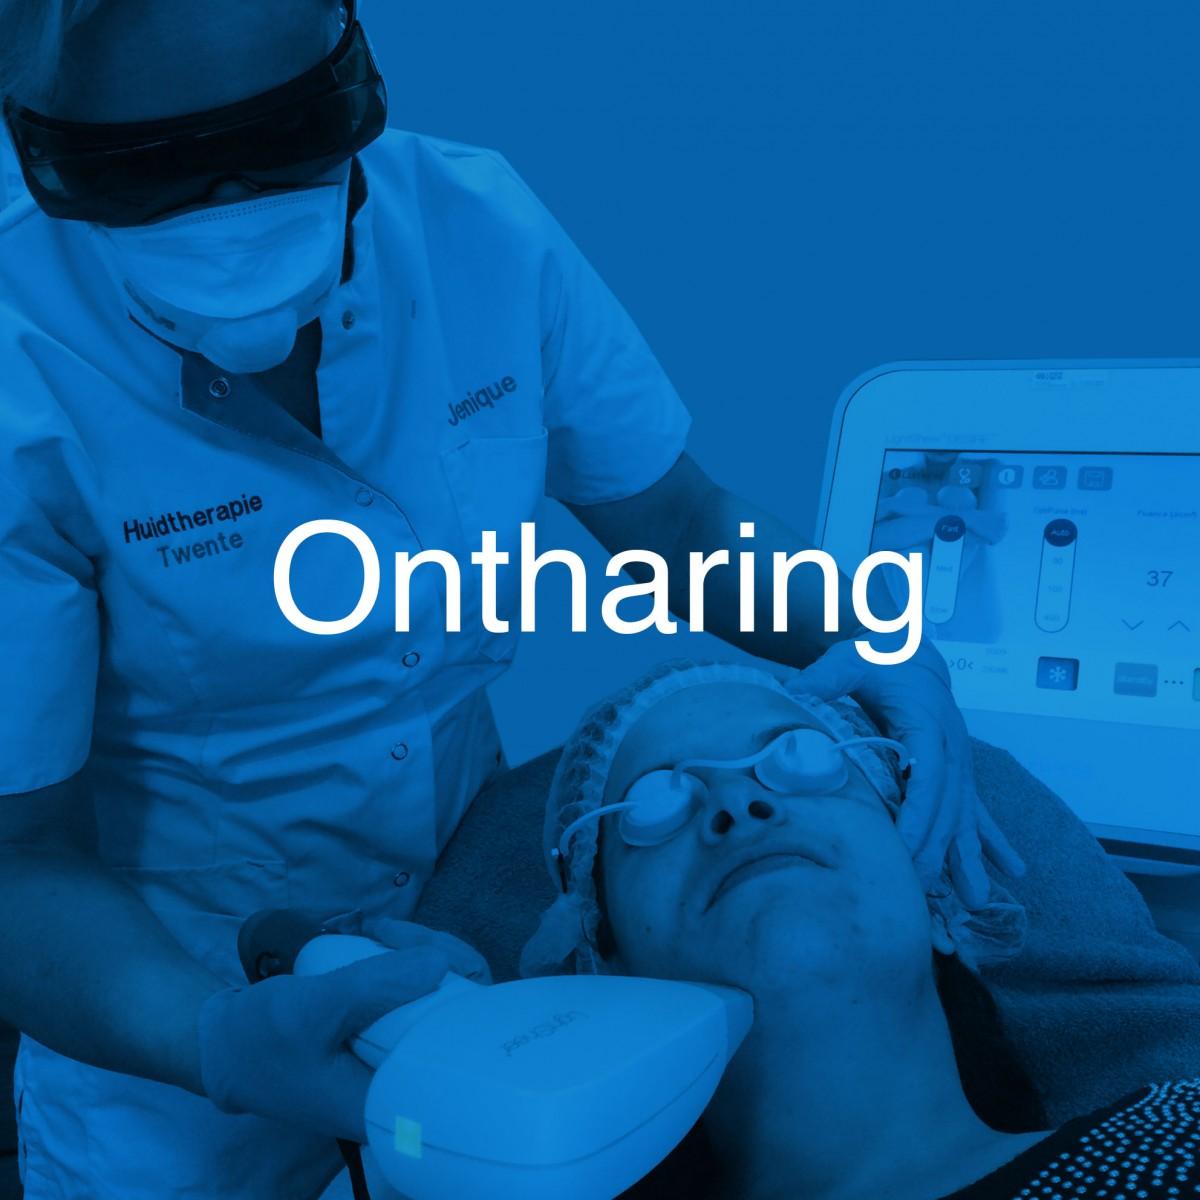 Huidtherapie-Twente-Ontharing-hover-2